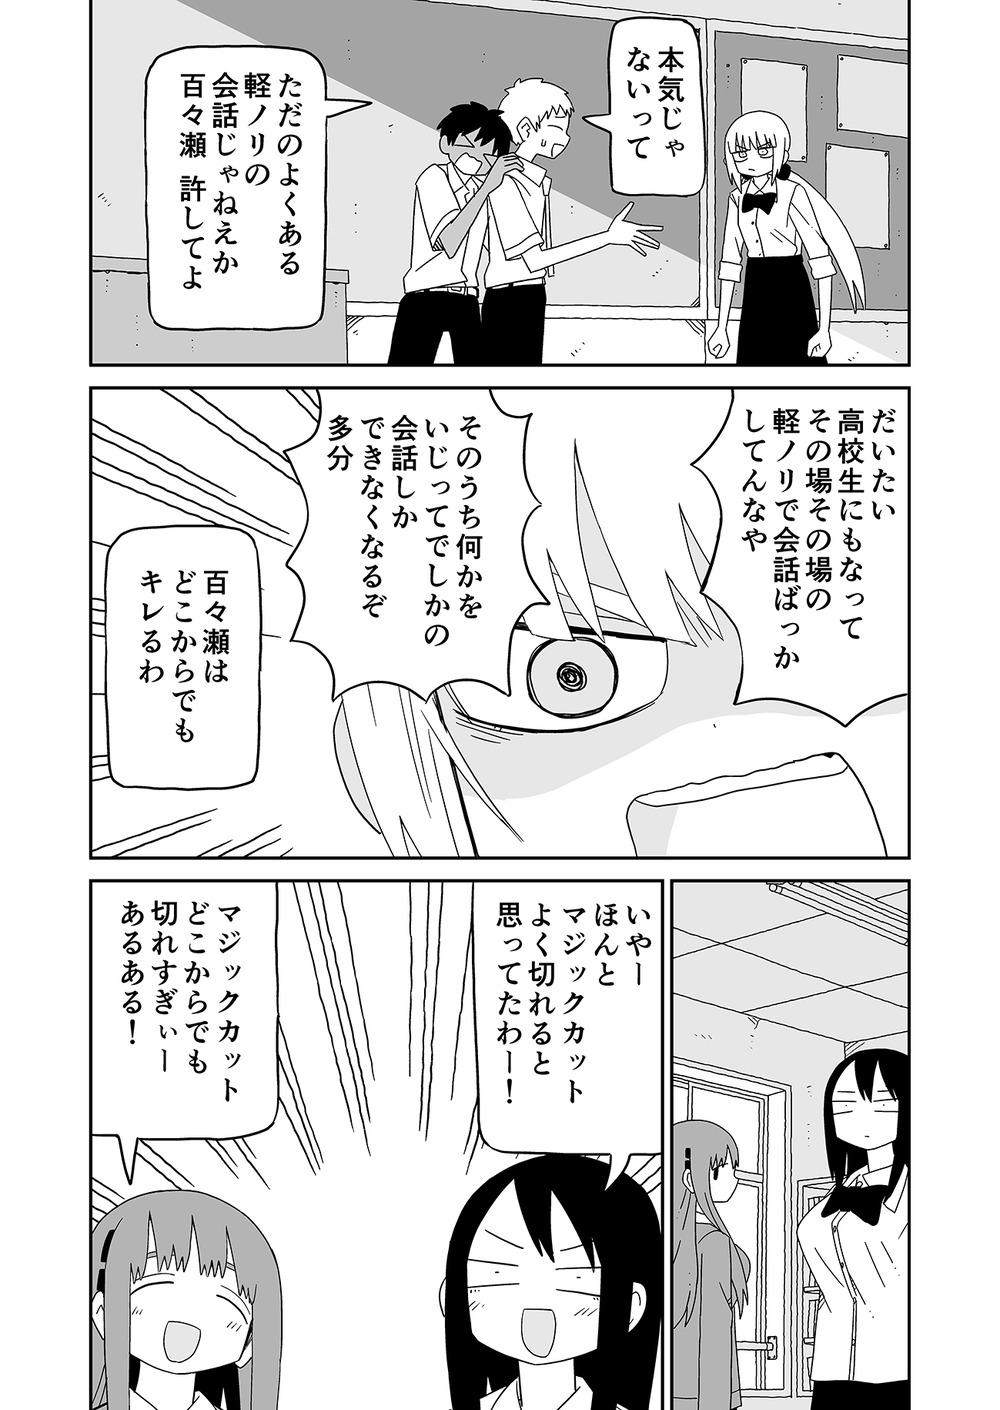 潮舞データオマケ30007